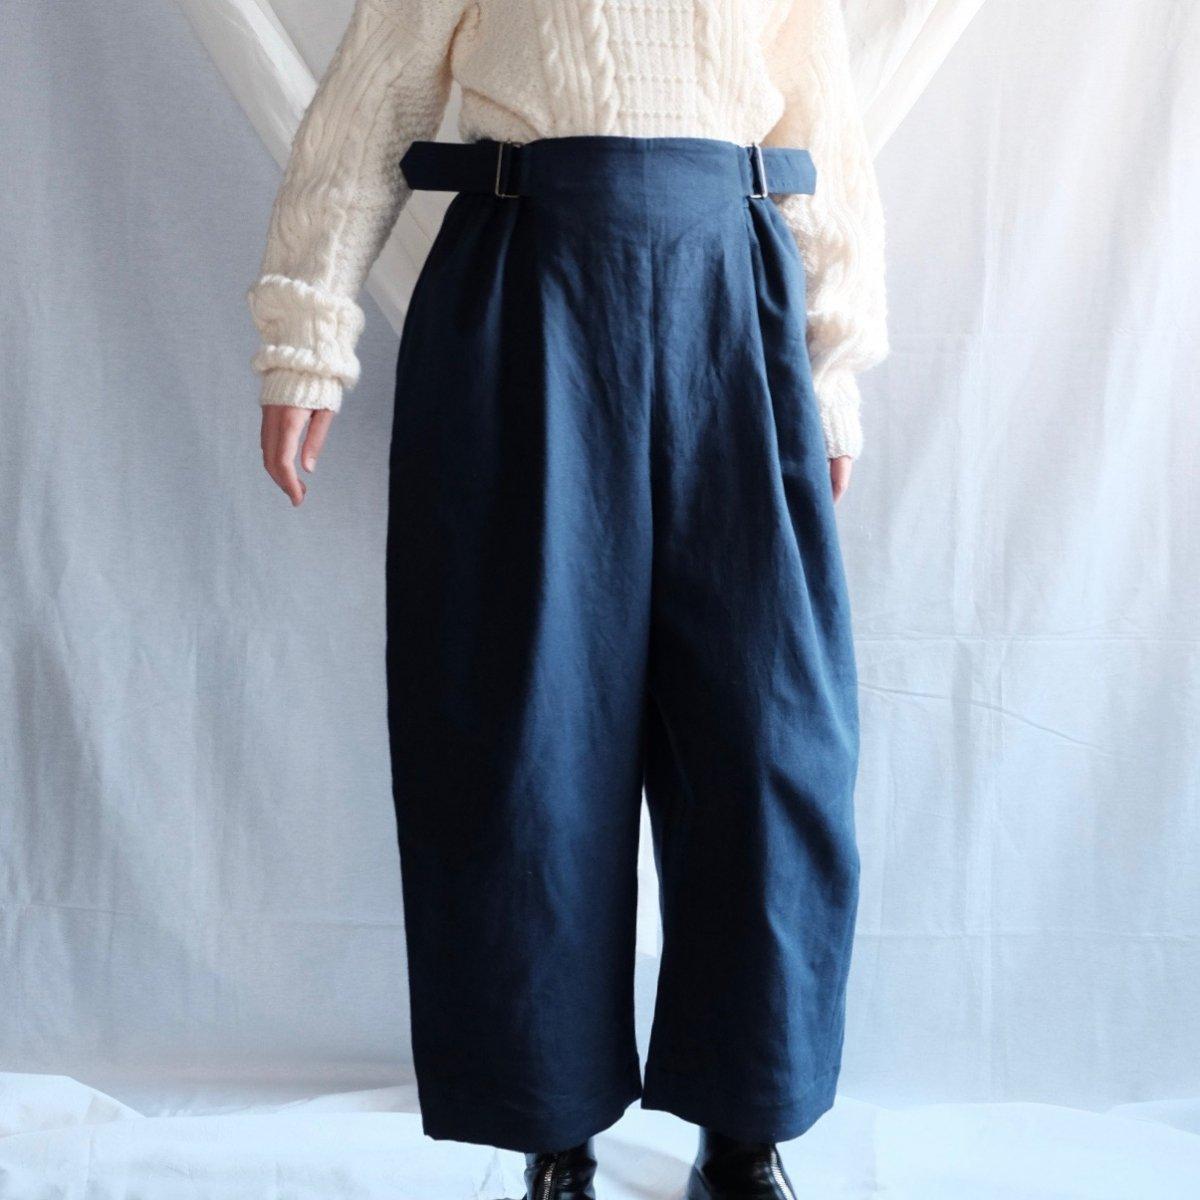 Volendam Worker's Pants Navy by suie